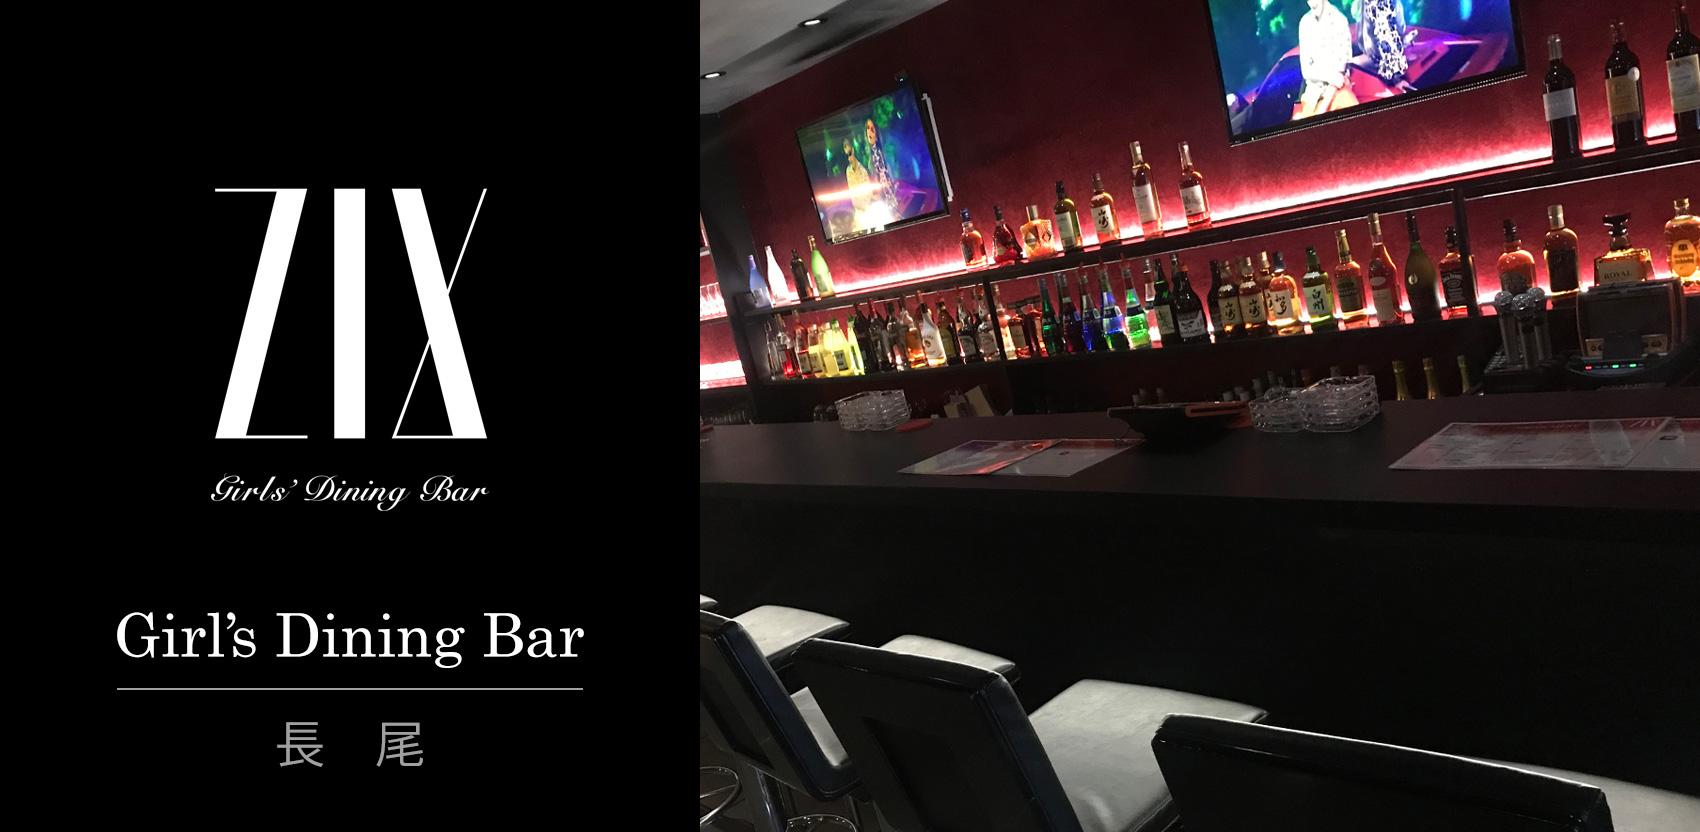 [長尾] Girl's Dining Bar Z/X (ガールズダイニングバー・ゼクス)